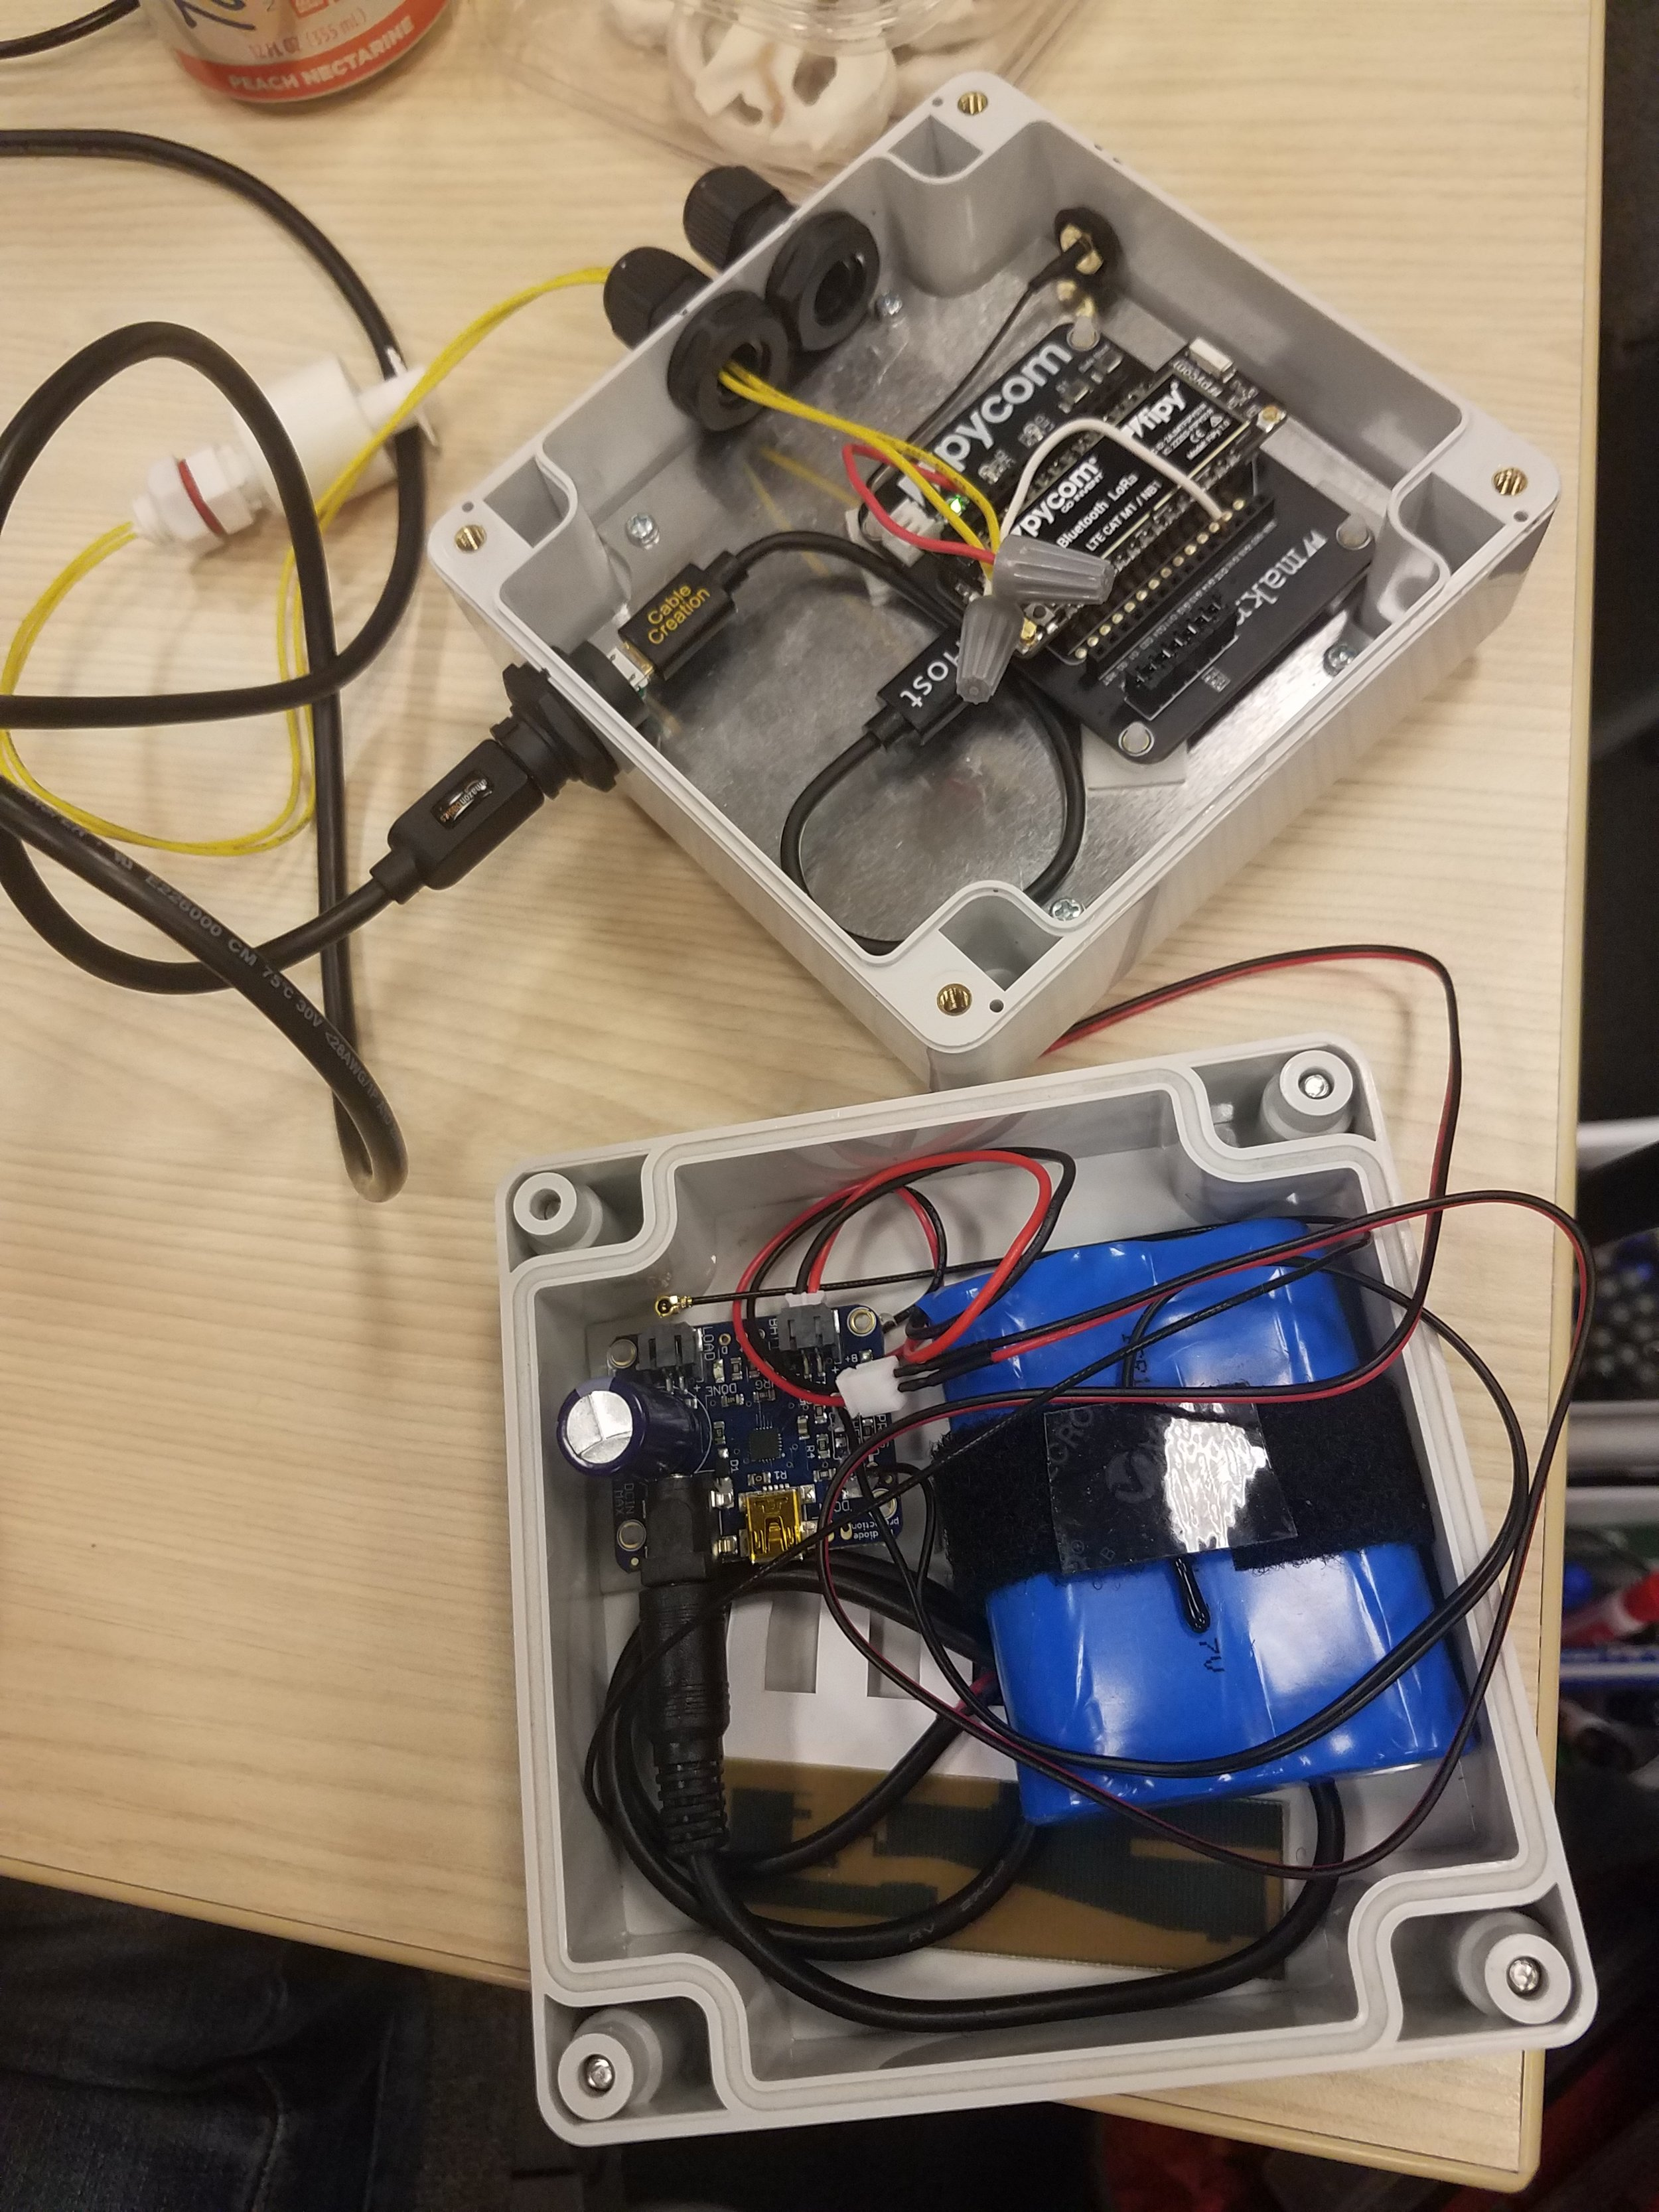 water detector guts 2.jpg